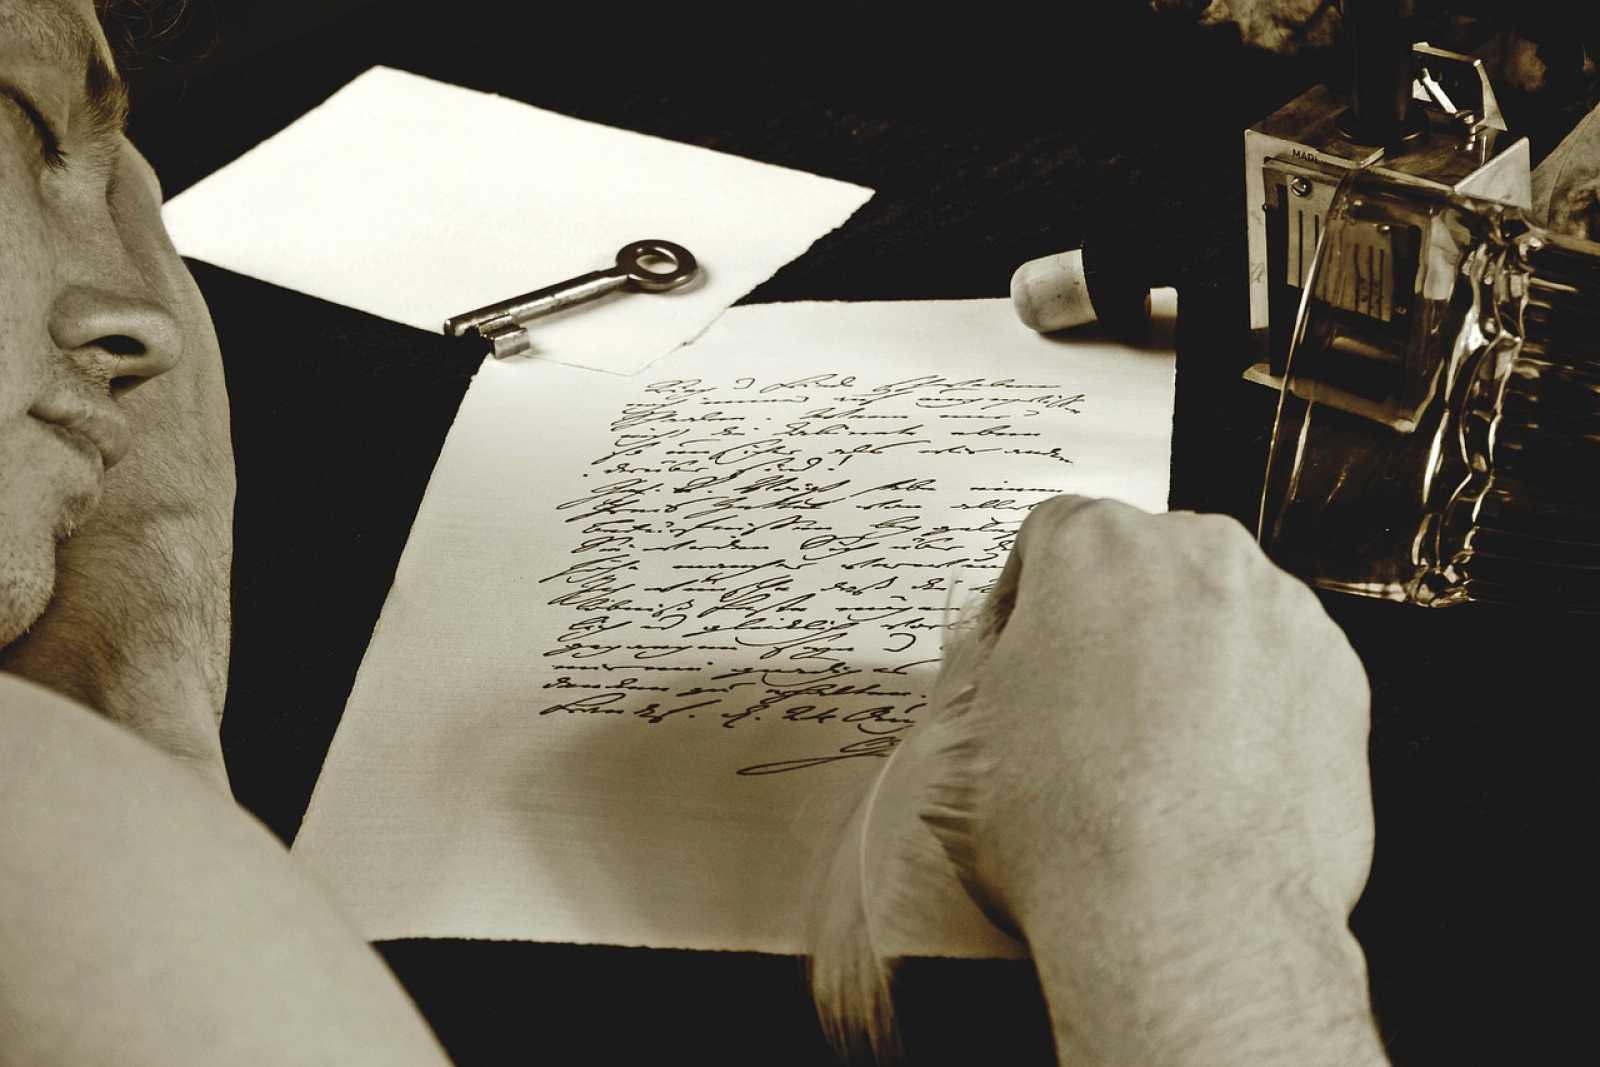 Preguntas a la Historia - ¿Cómo se miden las sílabas de un verso? -  16.02.21 - Escuchar ahora